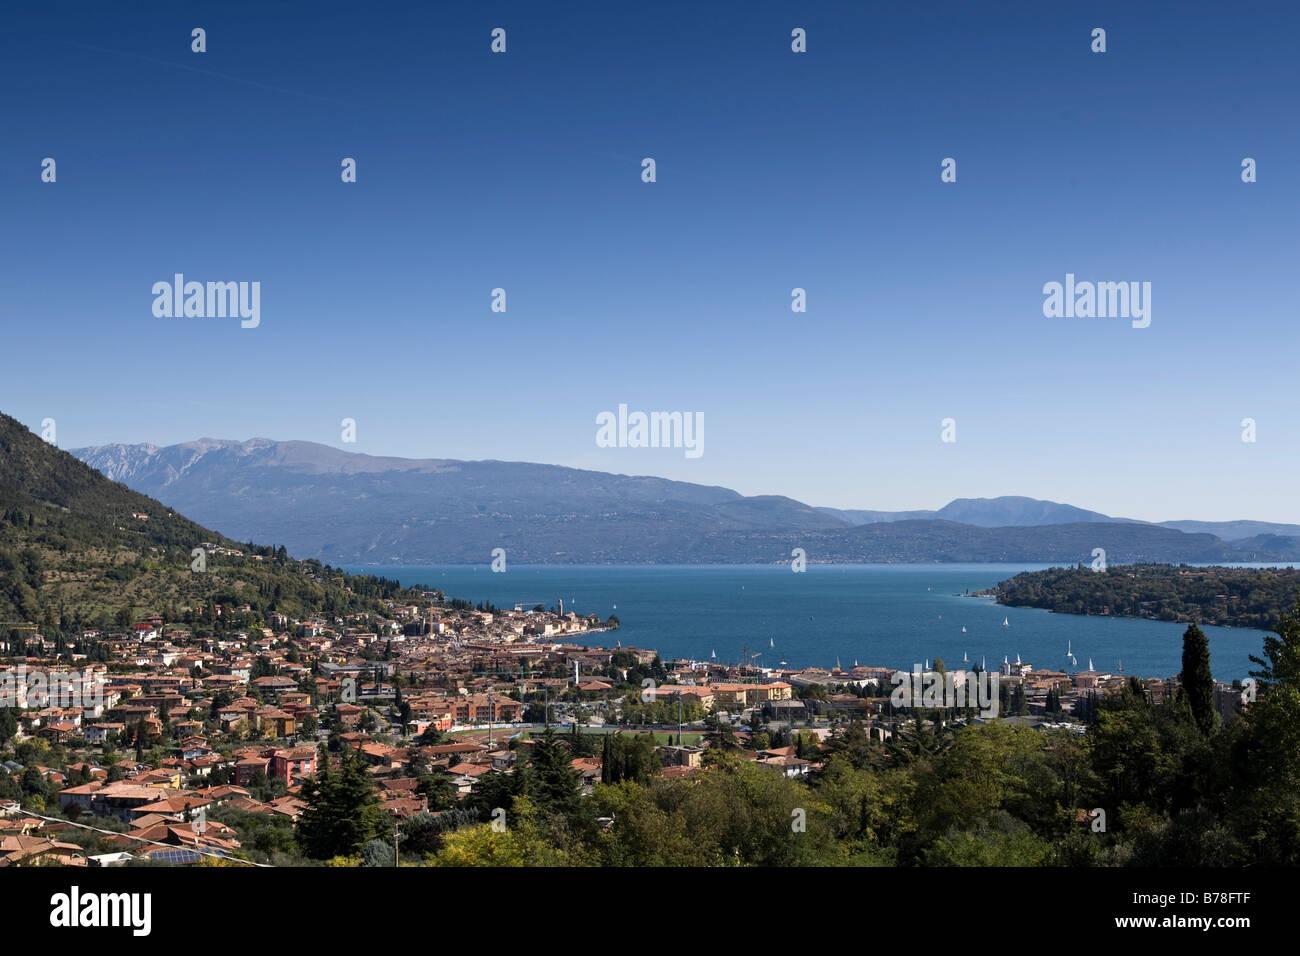 Manerba del Garda, village on Lake Garda, Lago di Garda, Lombardy, Italy, Europe - Stock Image